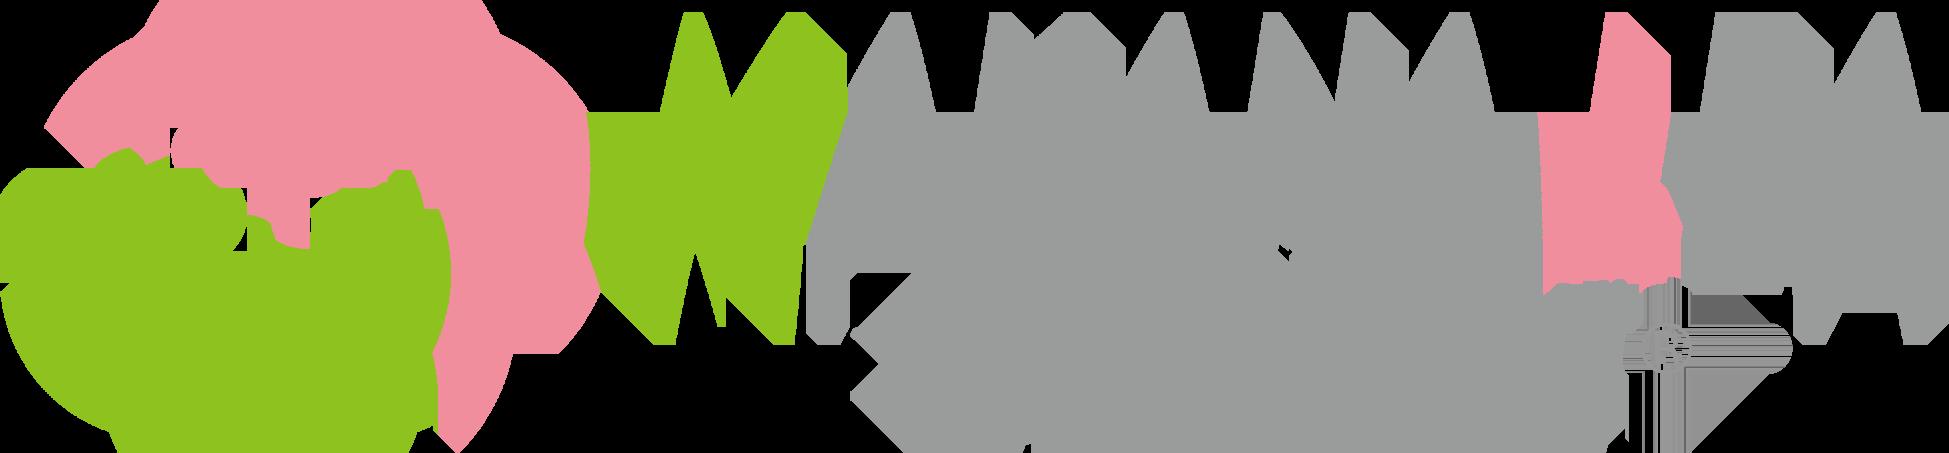 ビジネスイベント・研修企画などを支援するMAKANA LEAプランニング